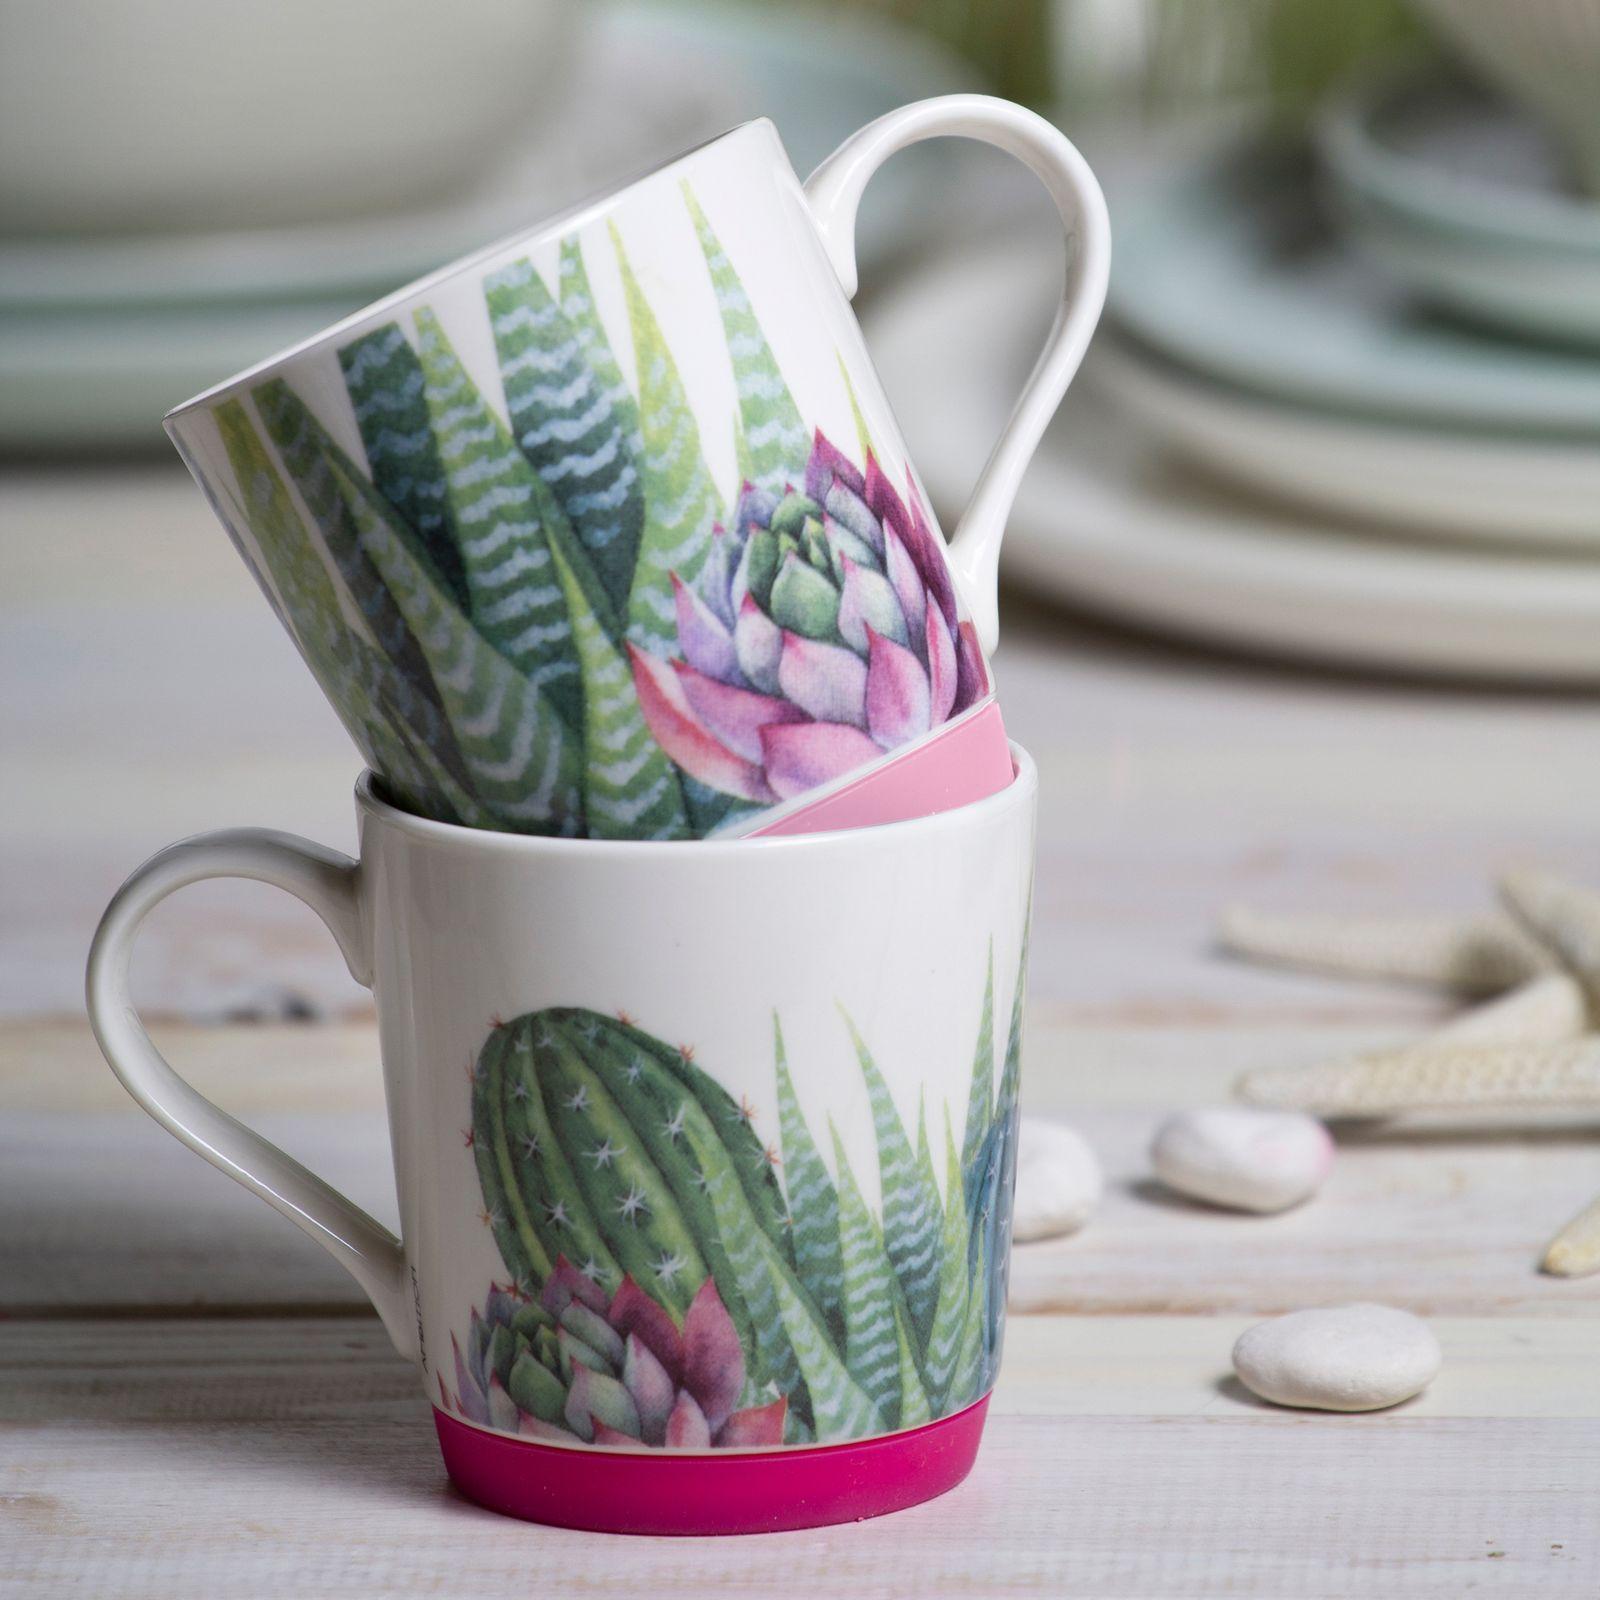 Kubek porcelanowy z silikonową podstawką Cactus 320 ml jasny różowy AMBITION